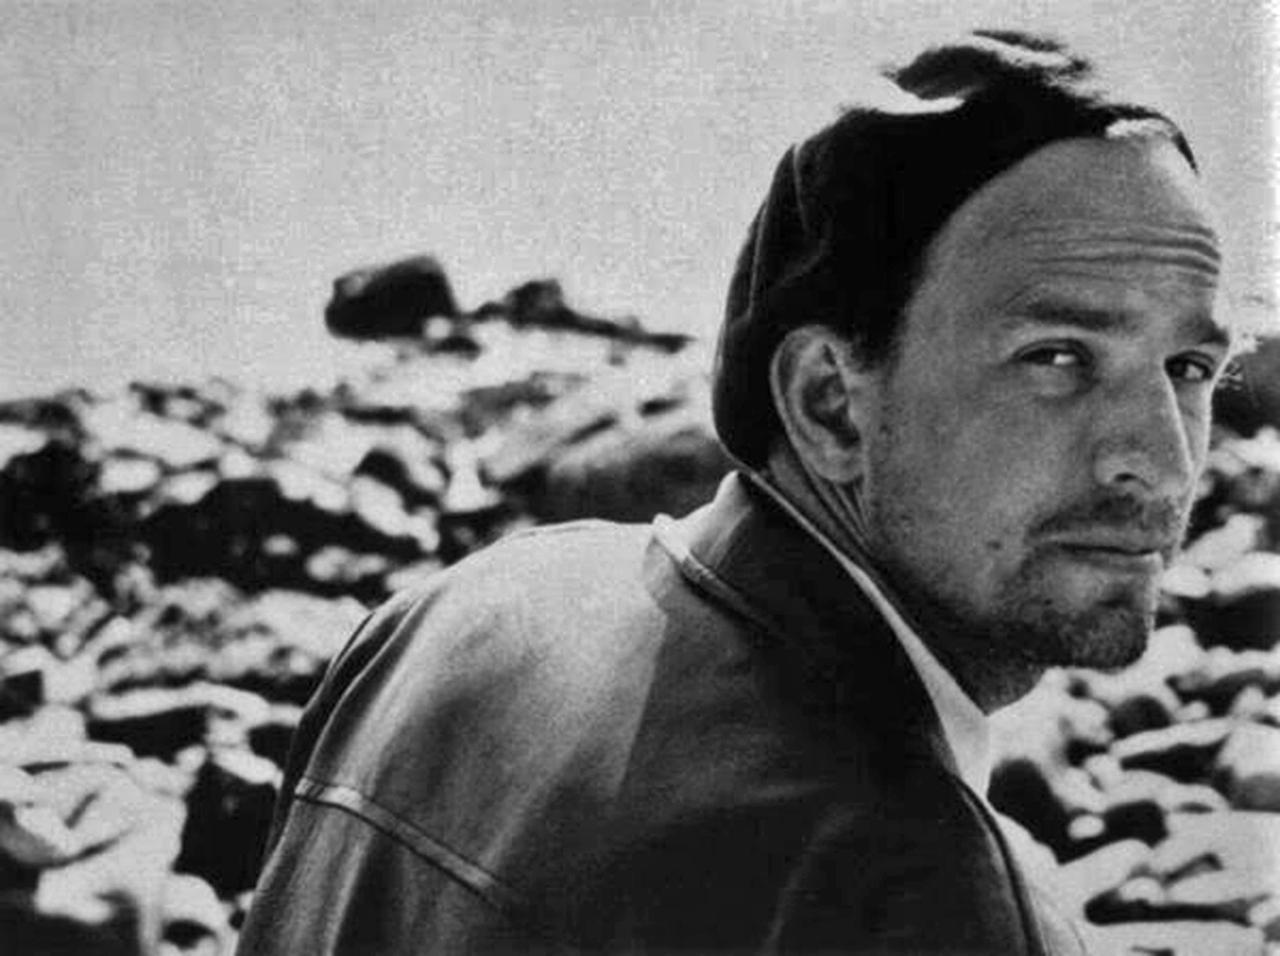 ¿Por qué Ingmar Bergman no me quiere? La historia de Lars Von Trier